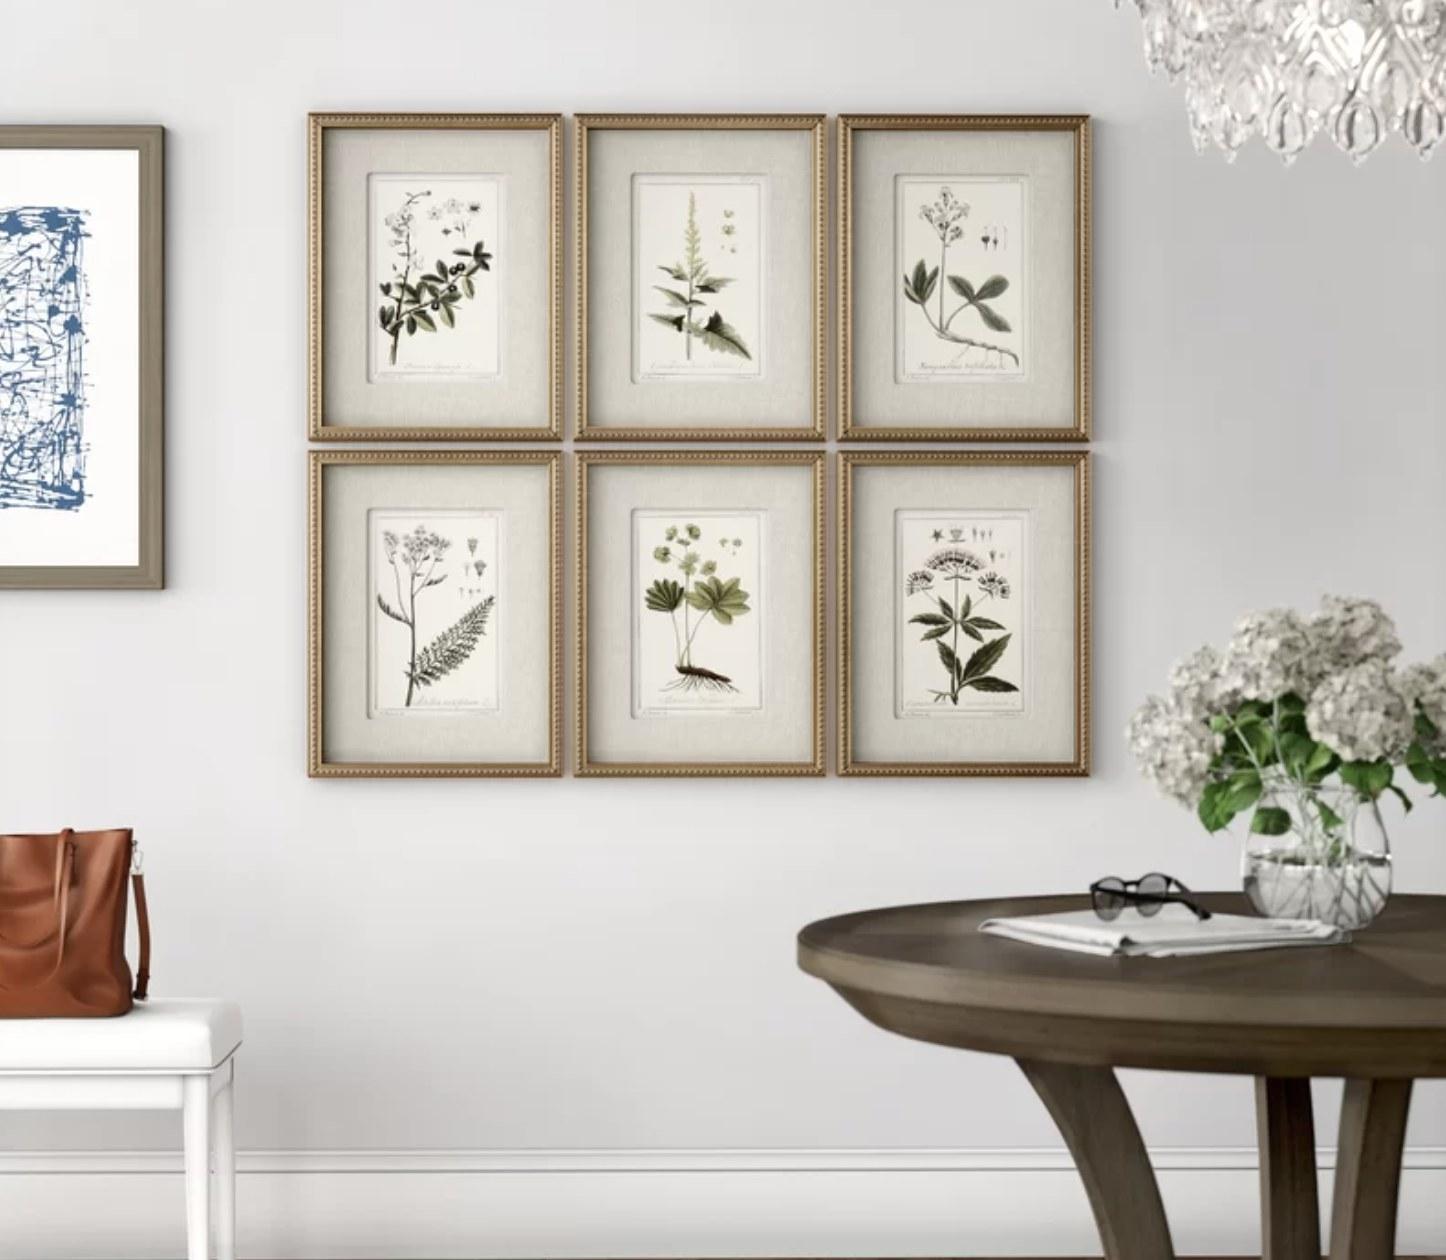 The six botanical prints